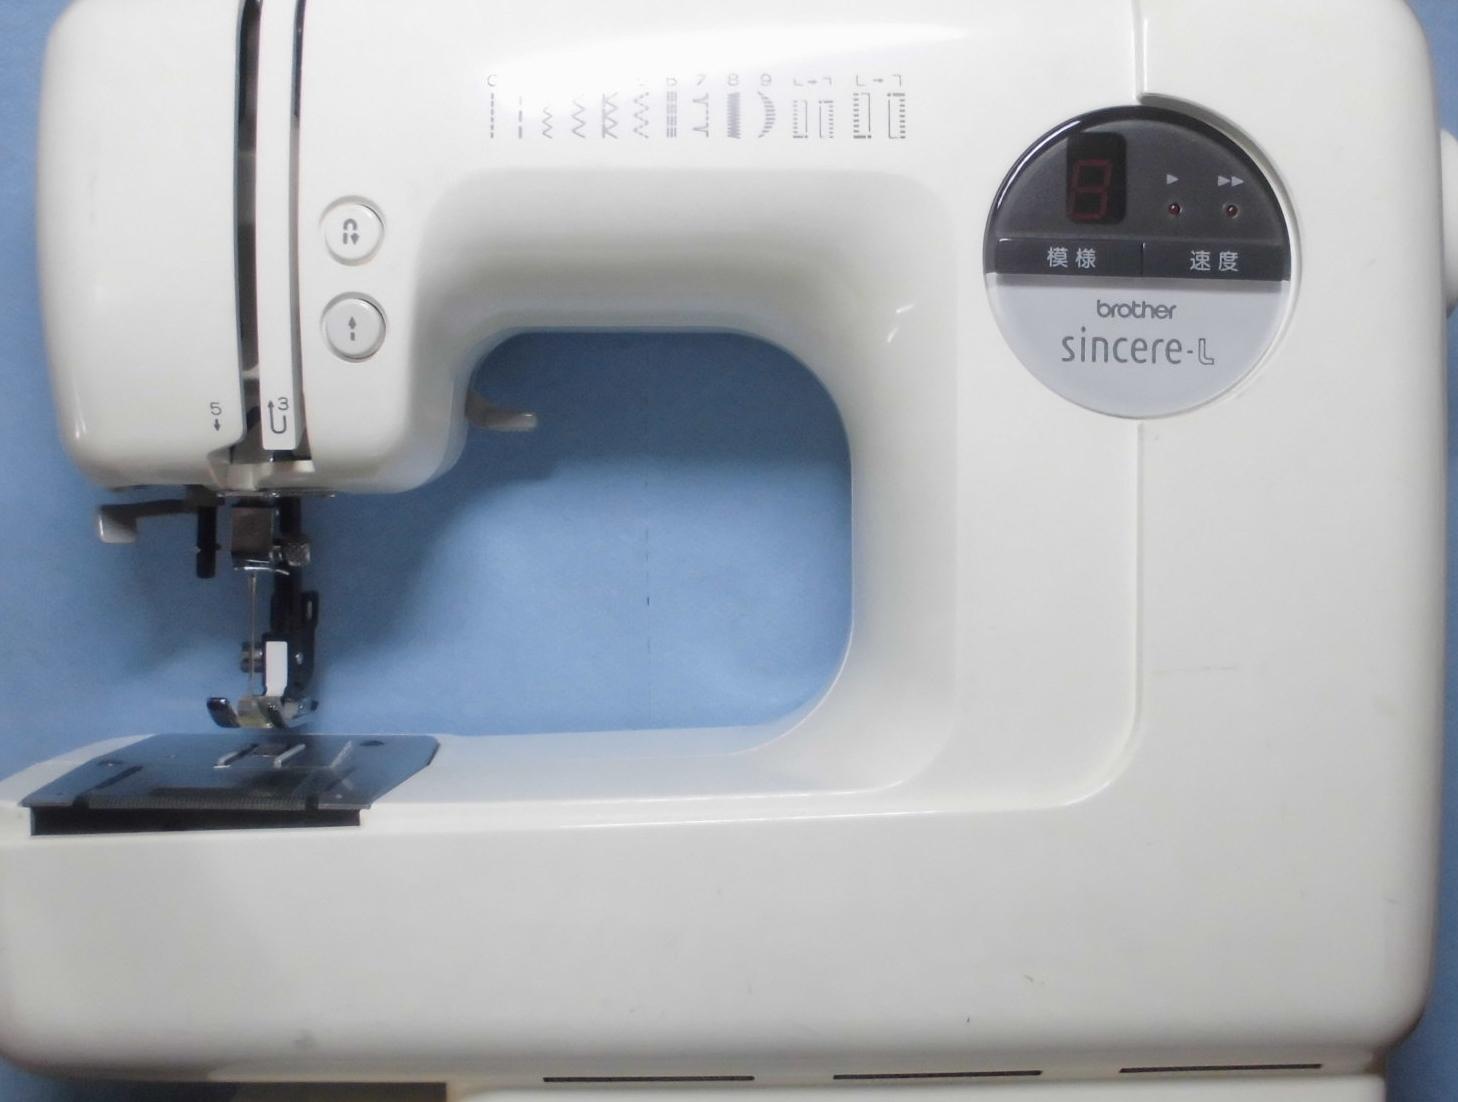 ブラザーミシン修理|シンシア-エル|下糸が出てこない、タイミング不良、釜ずれ